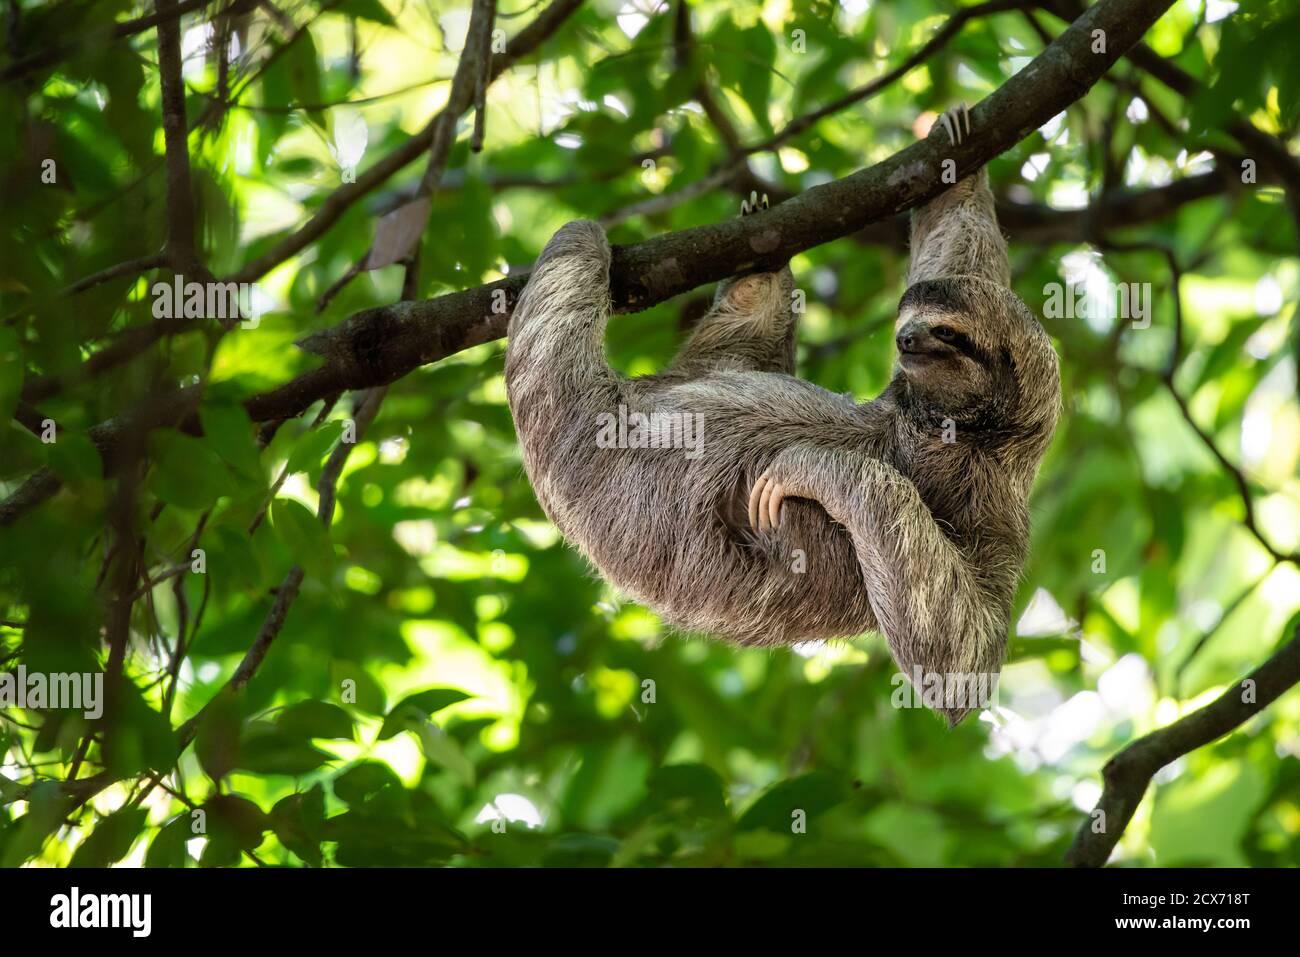 Perezoso divertido colgando en la rama del árbol, cara bonita mirada, retrato perfecto de animal salvaje, Selva de Costa Rica, el chin rascándose, Bradypus variegatus Foto de stock